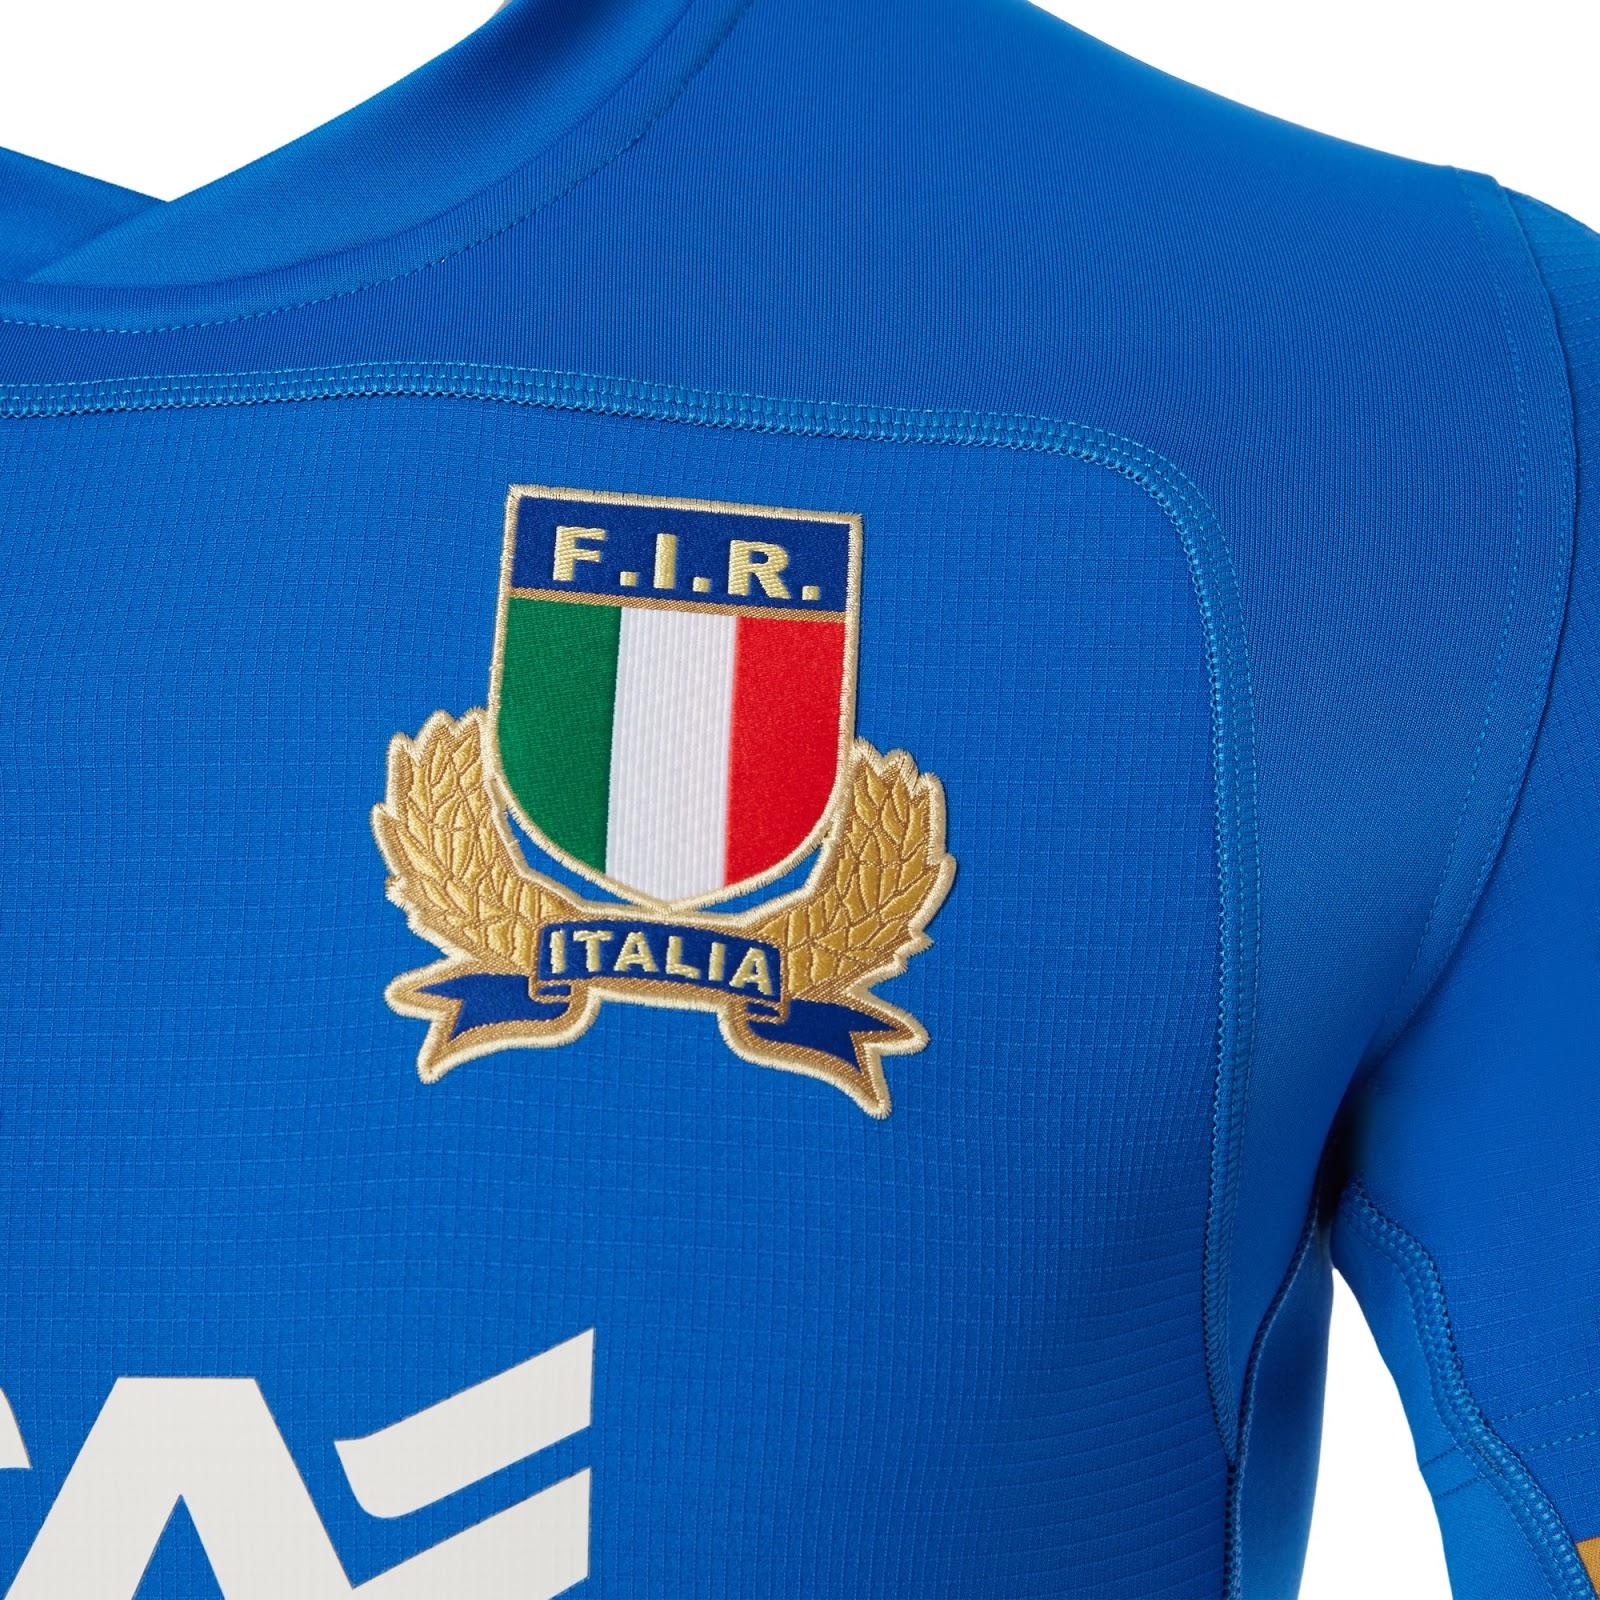 Macron lança as novas camisas da seleção de rugby da Itália - Show ... 8c85f577b53b5